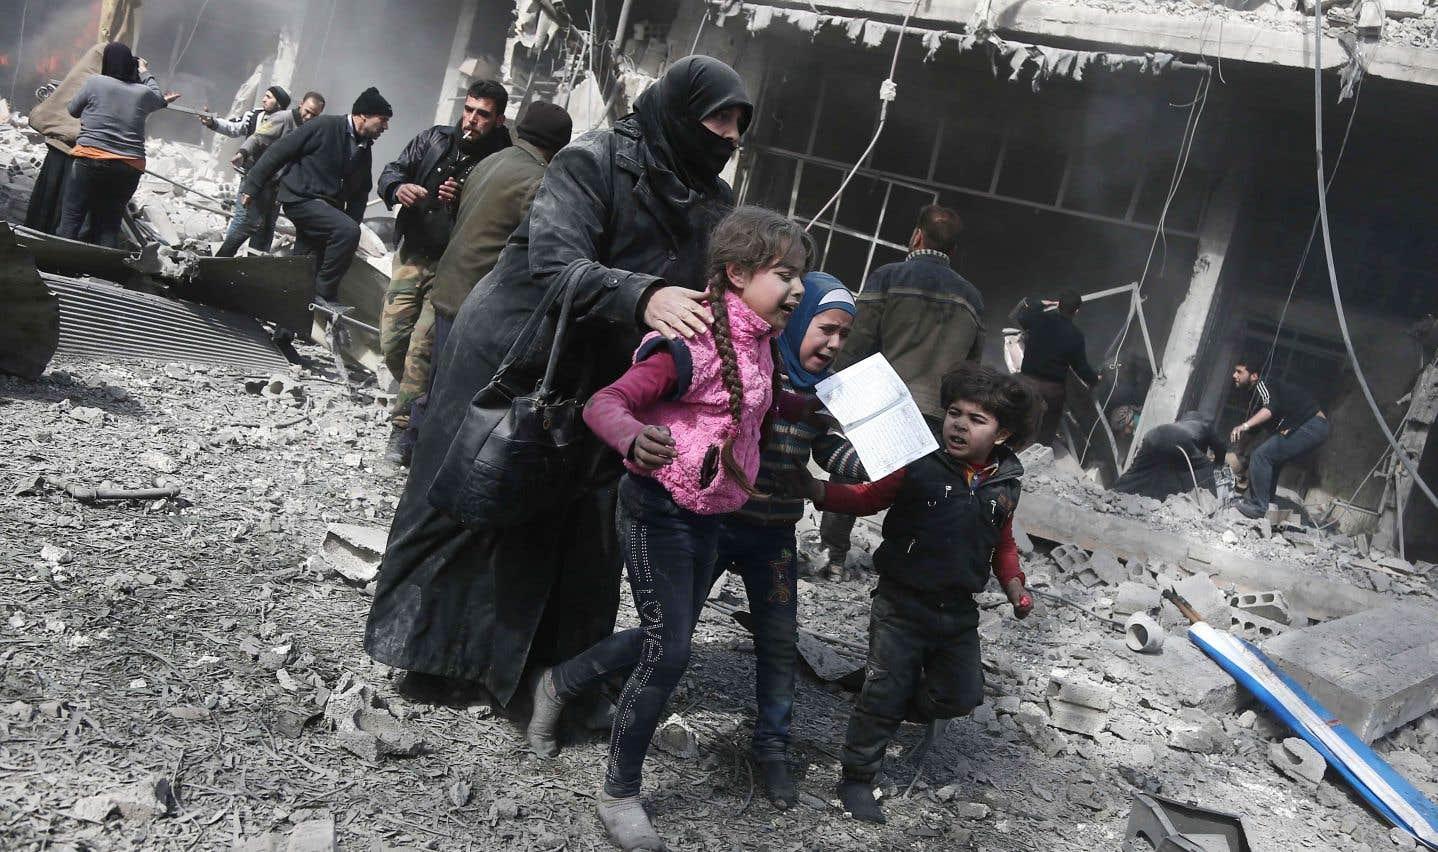 Une femme et des enfants syriens courent se mettre à l'abri des bombardements de l'armée syrienne sur la ville rebelle de Hamouria, en Ghouta orientale.